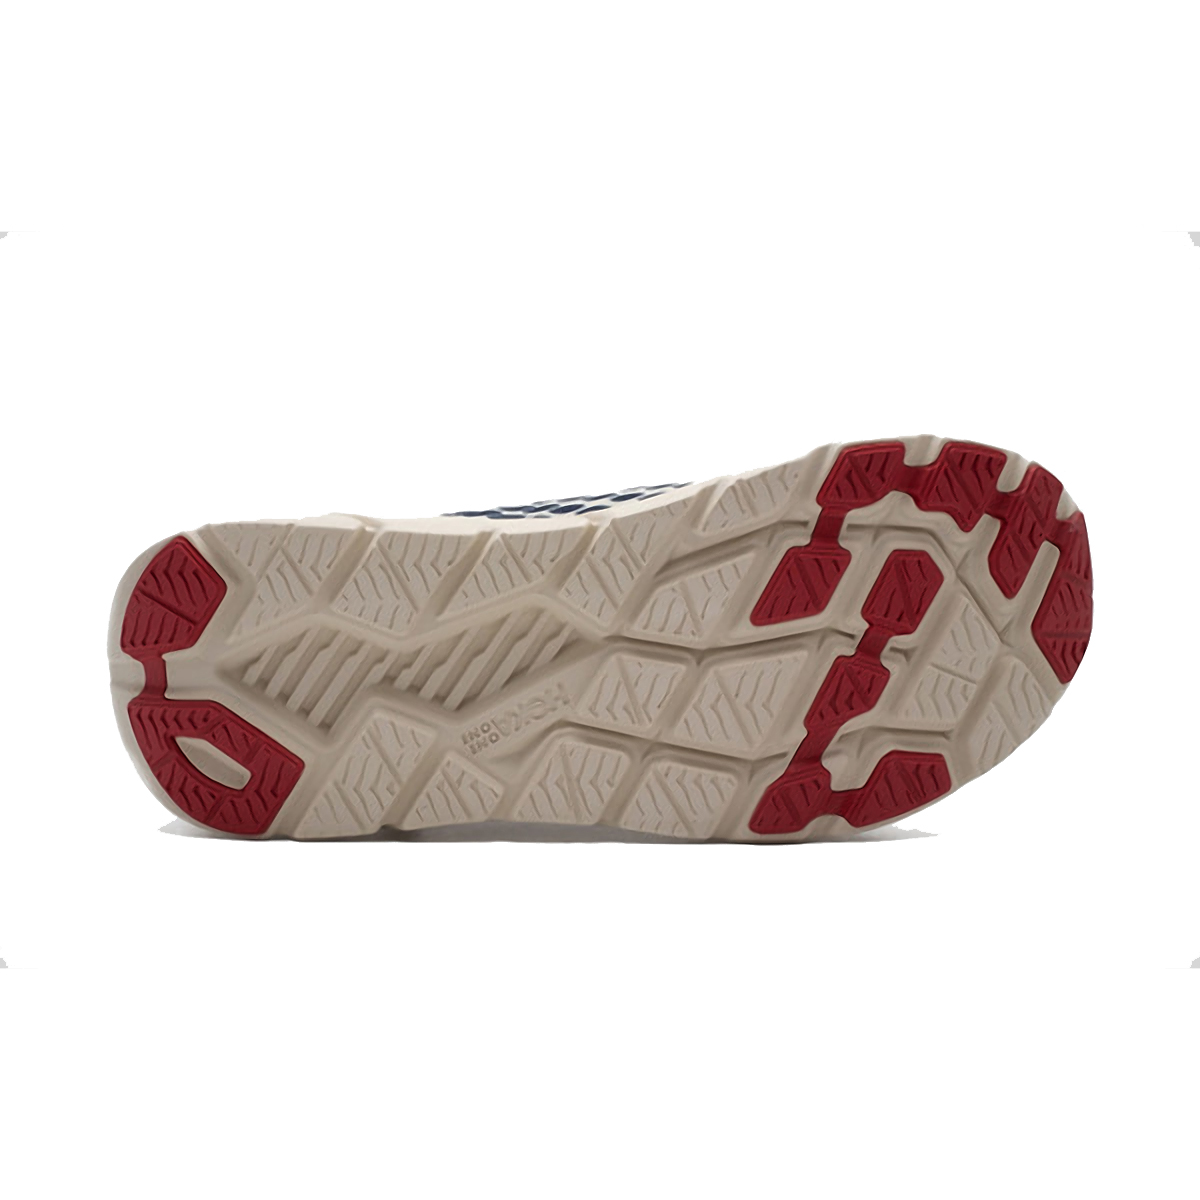 Women's Hoka One One Rincon TK Running Shoe - Color: Vintage Indigo - Size: 5 - Width: Regular, Vintage Indigo, large, image 5